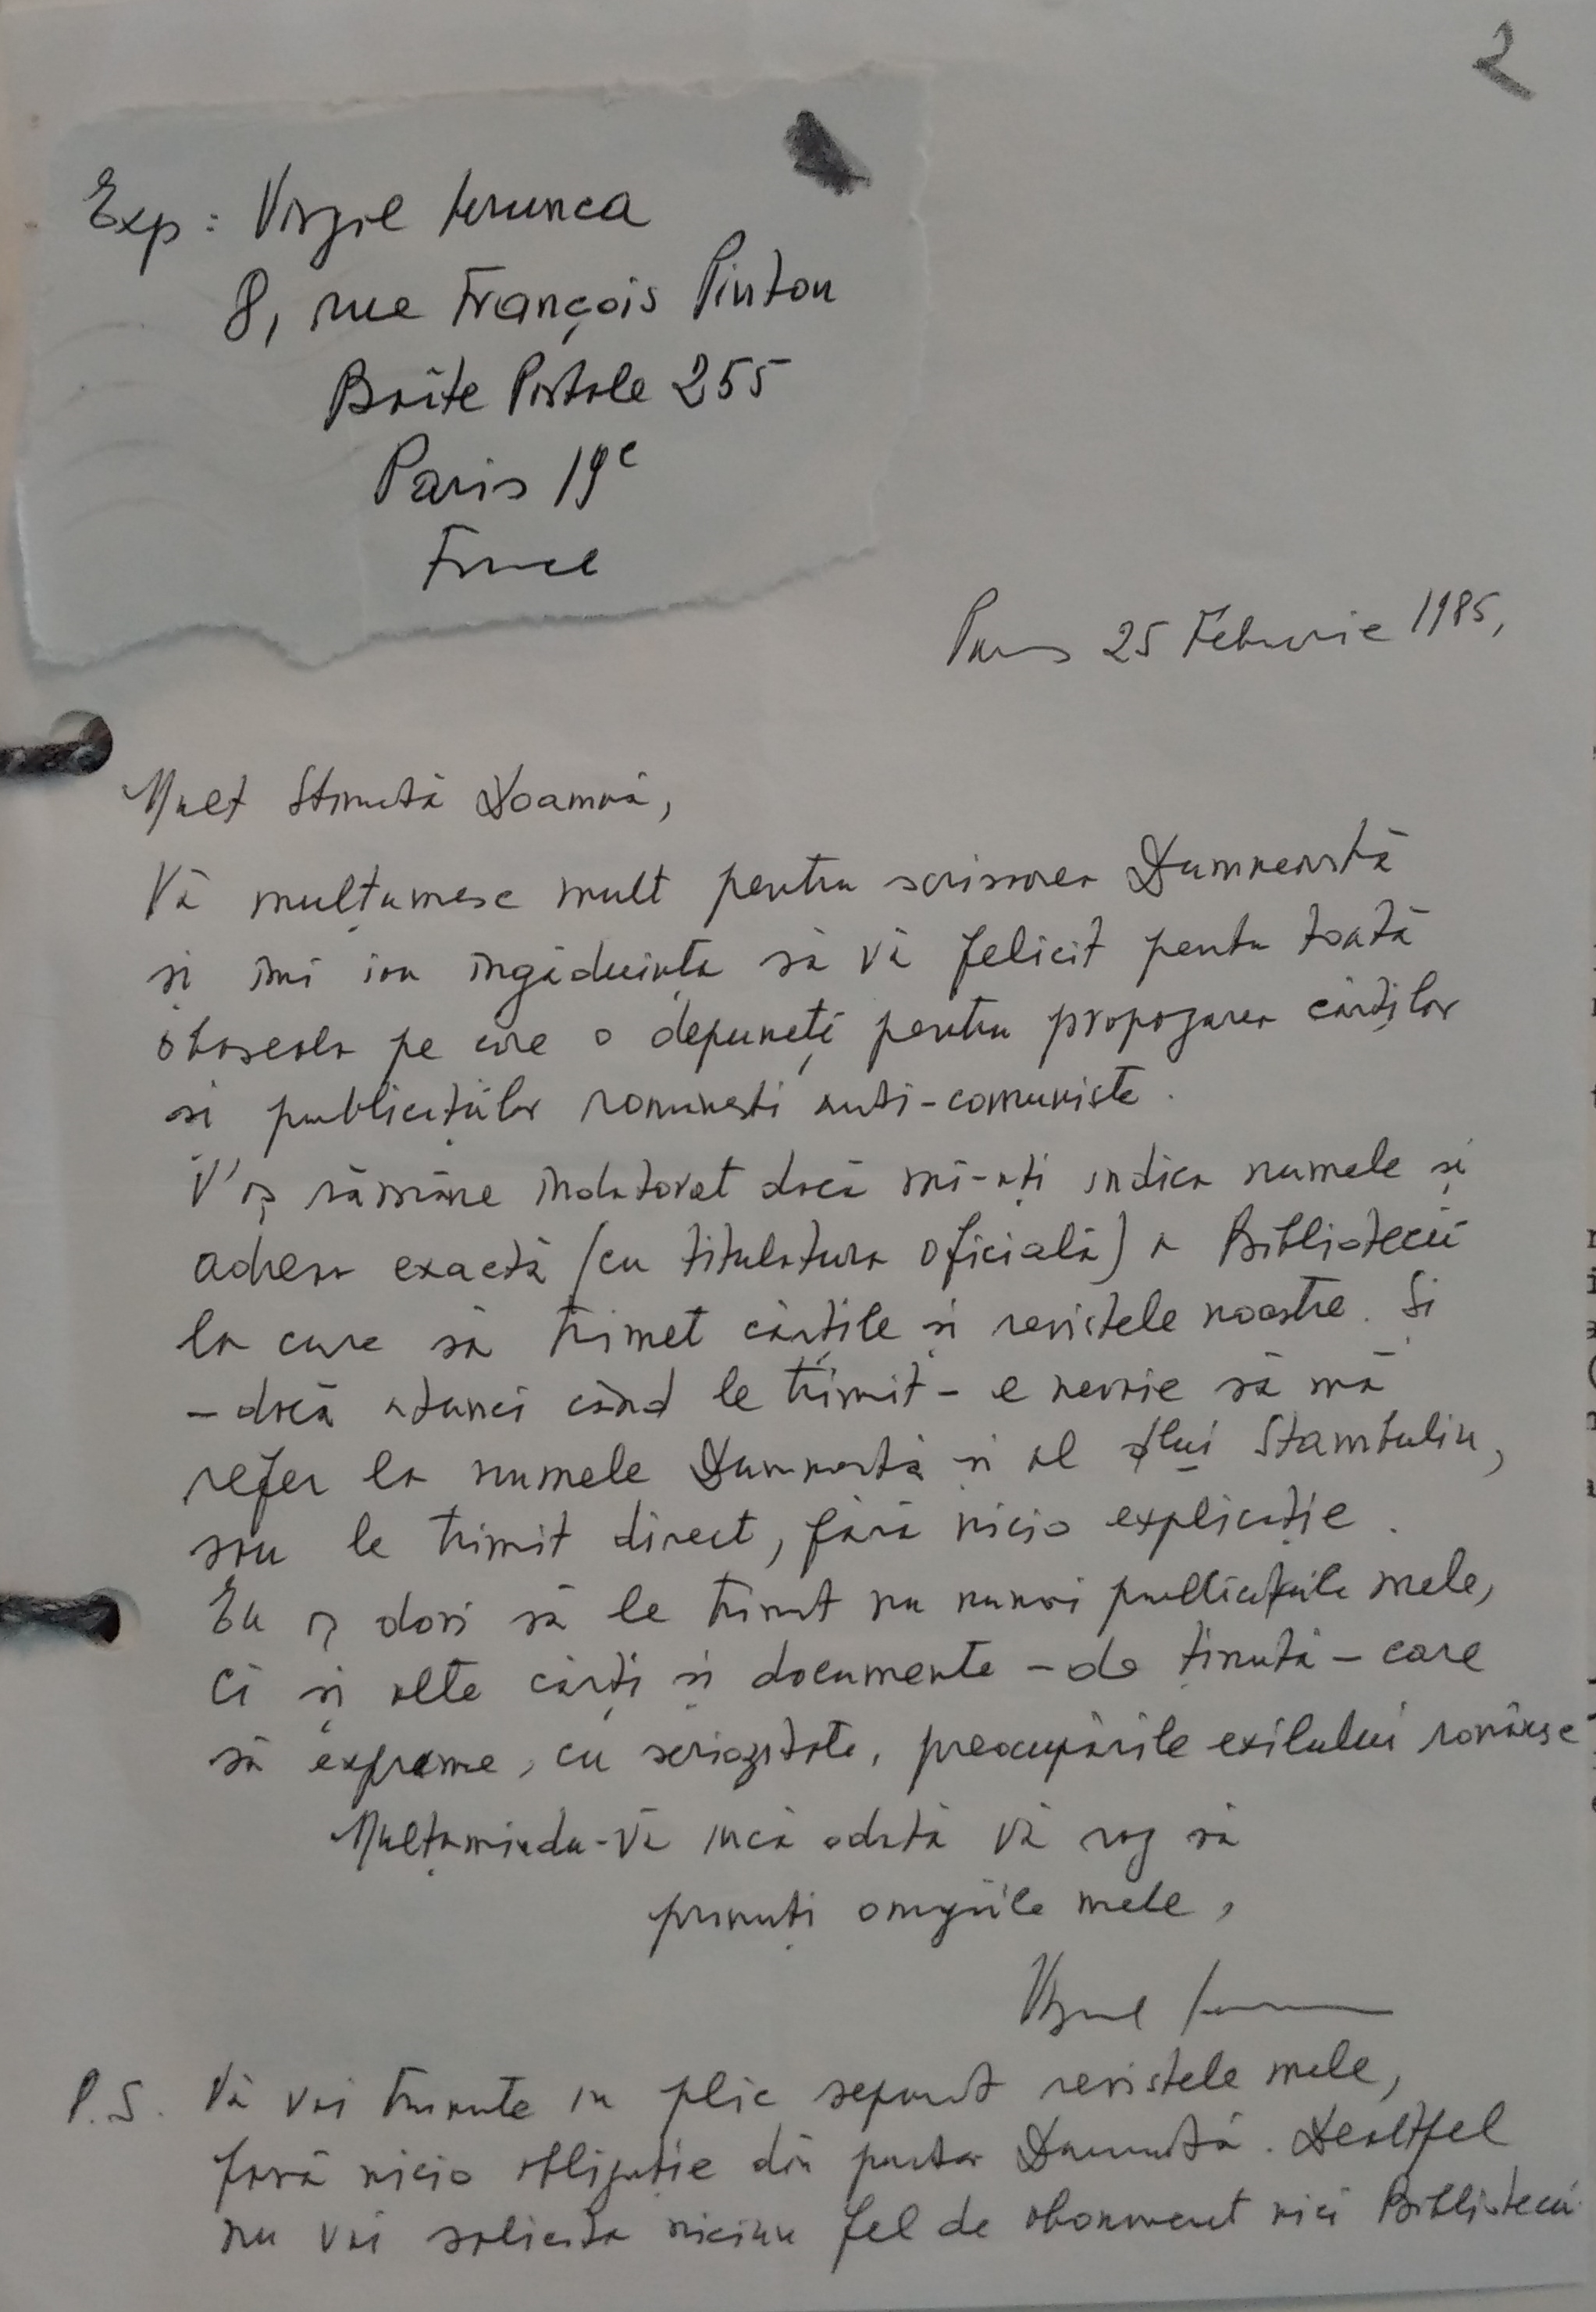 Scrisoare de la Virgil Ierunca pentru Sanda Budiș, 25 februarie 1985